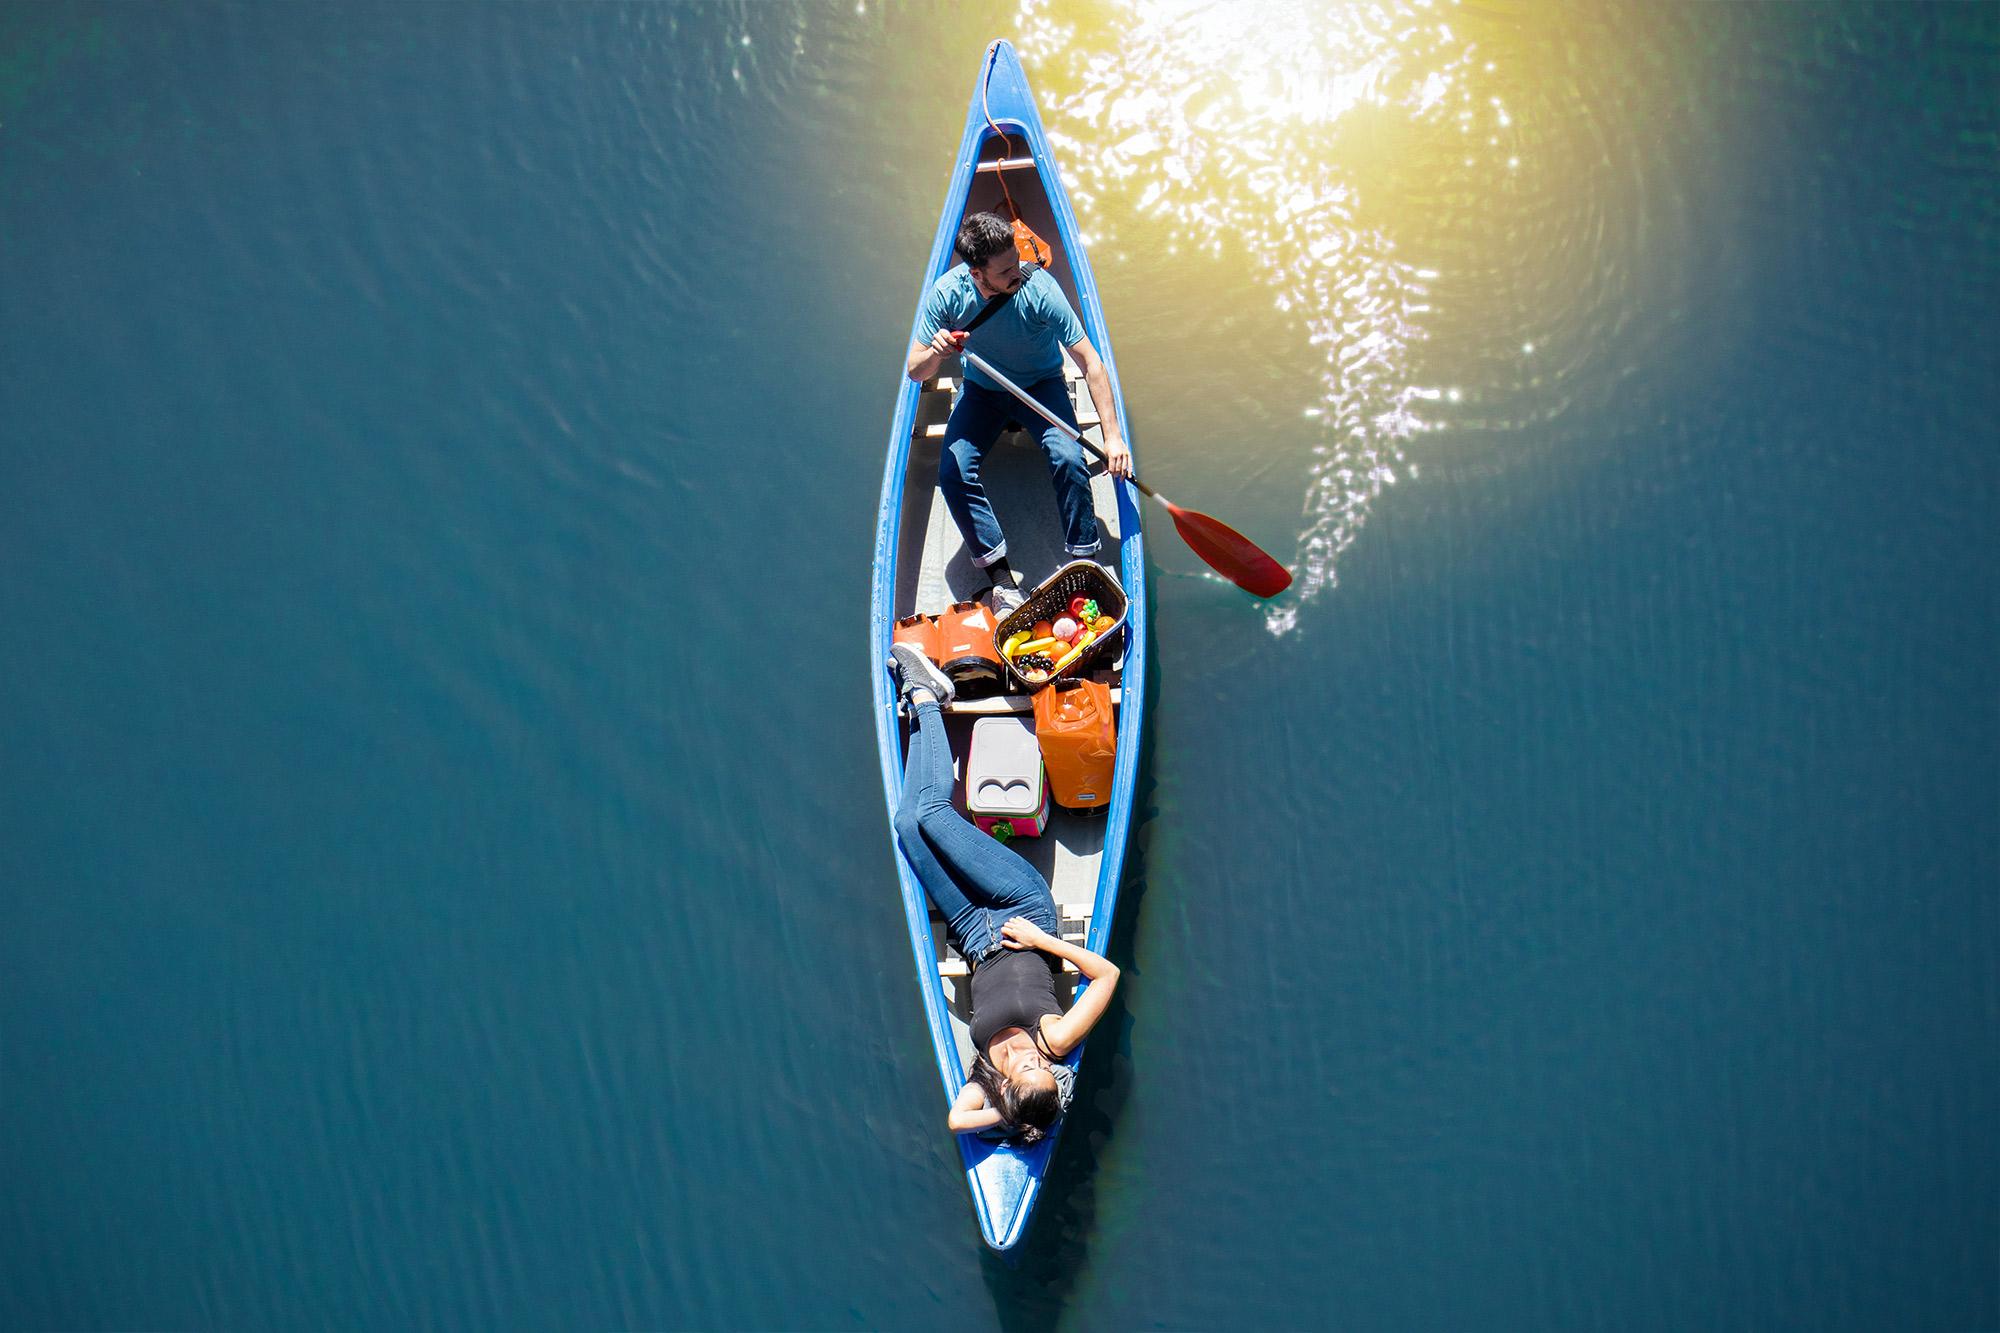 Packsäcke - ideal für die Bootstour